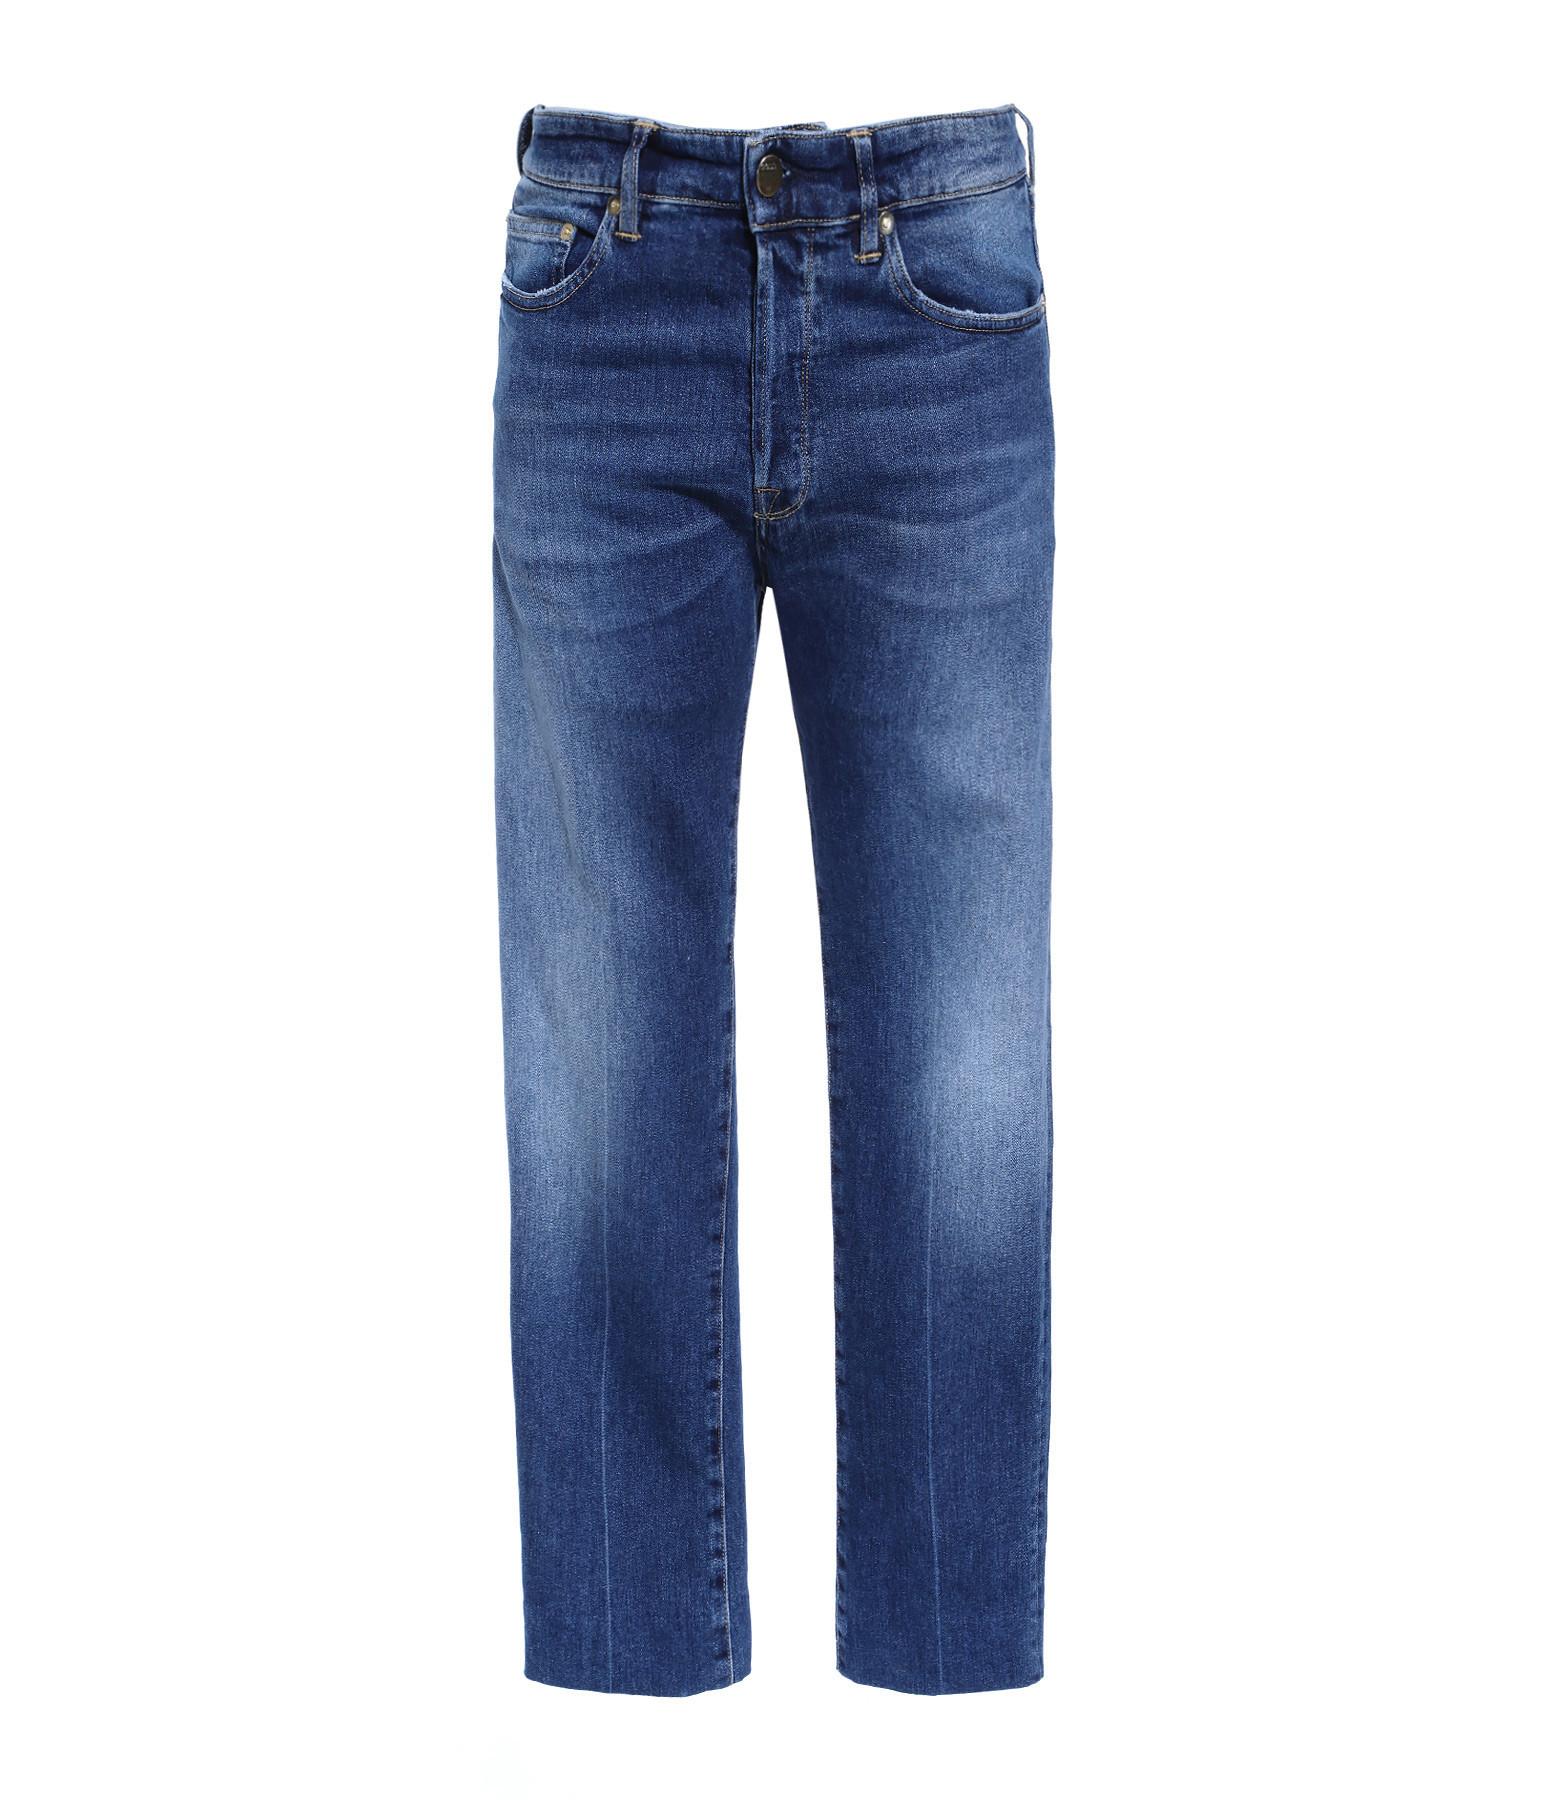 GOLDEN GOOSE - Pantalon Homme Lit Bleu Délavé